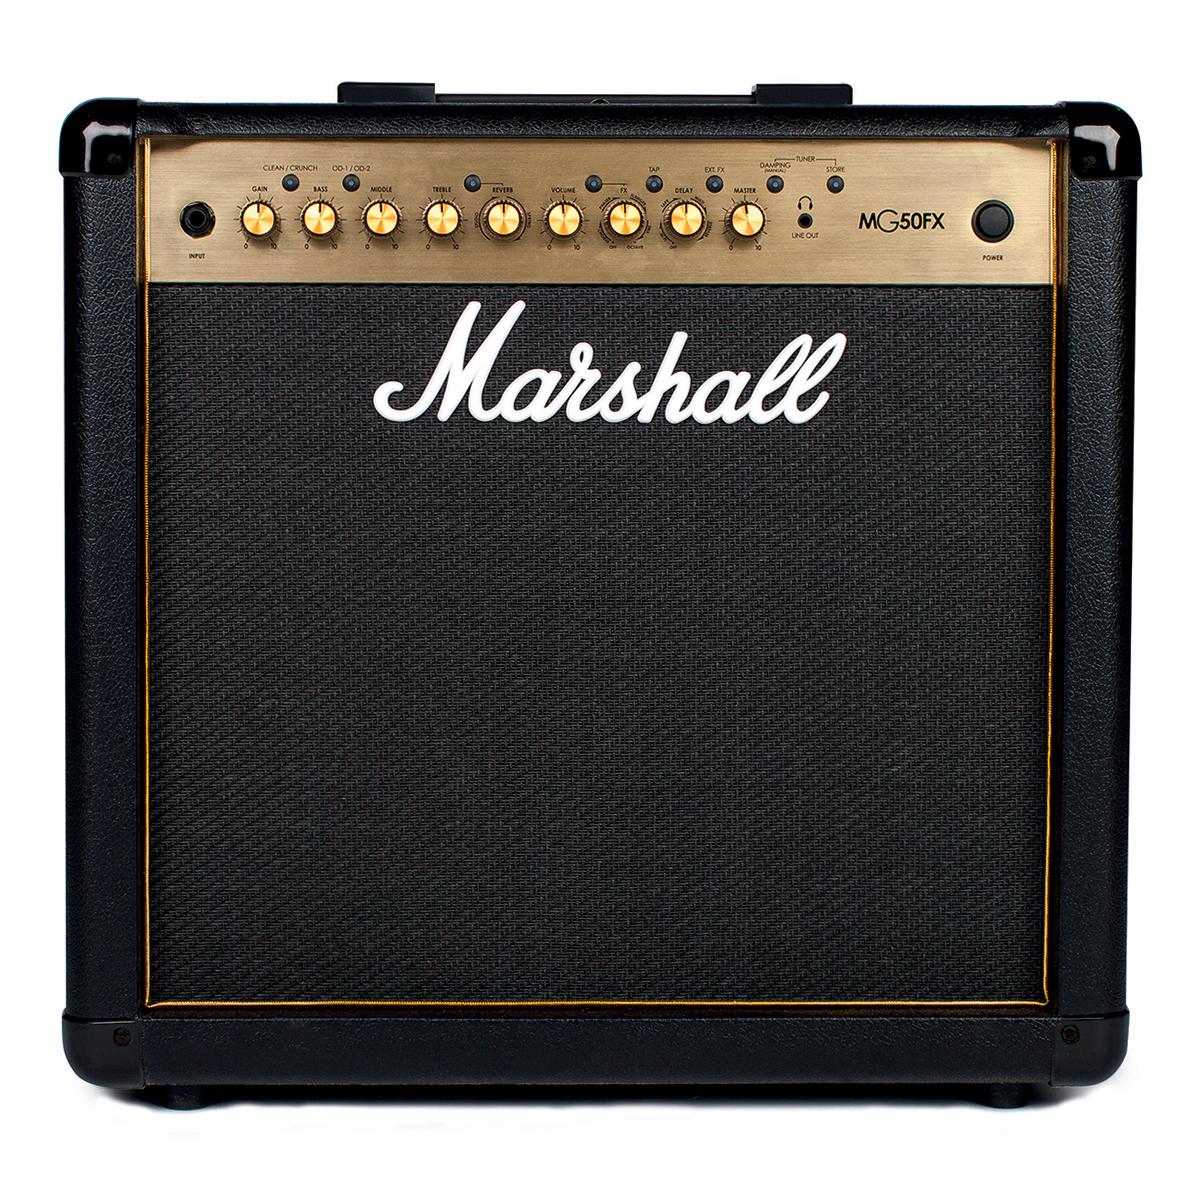 Marshall - MG50FX - Ampli guitare